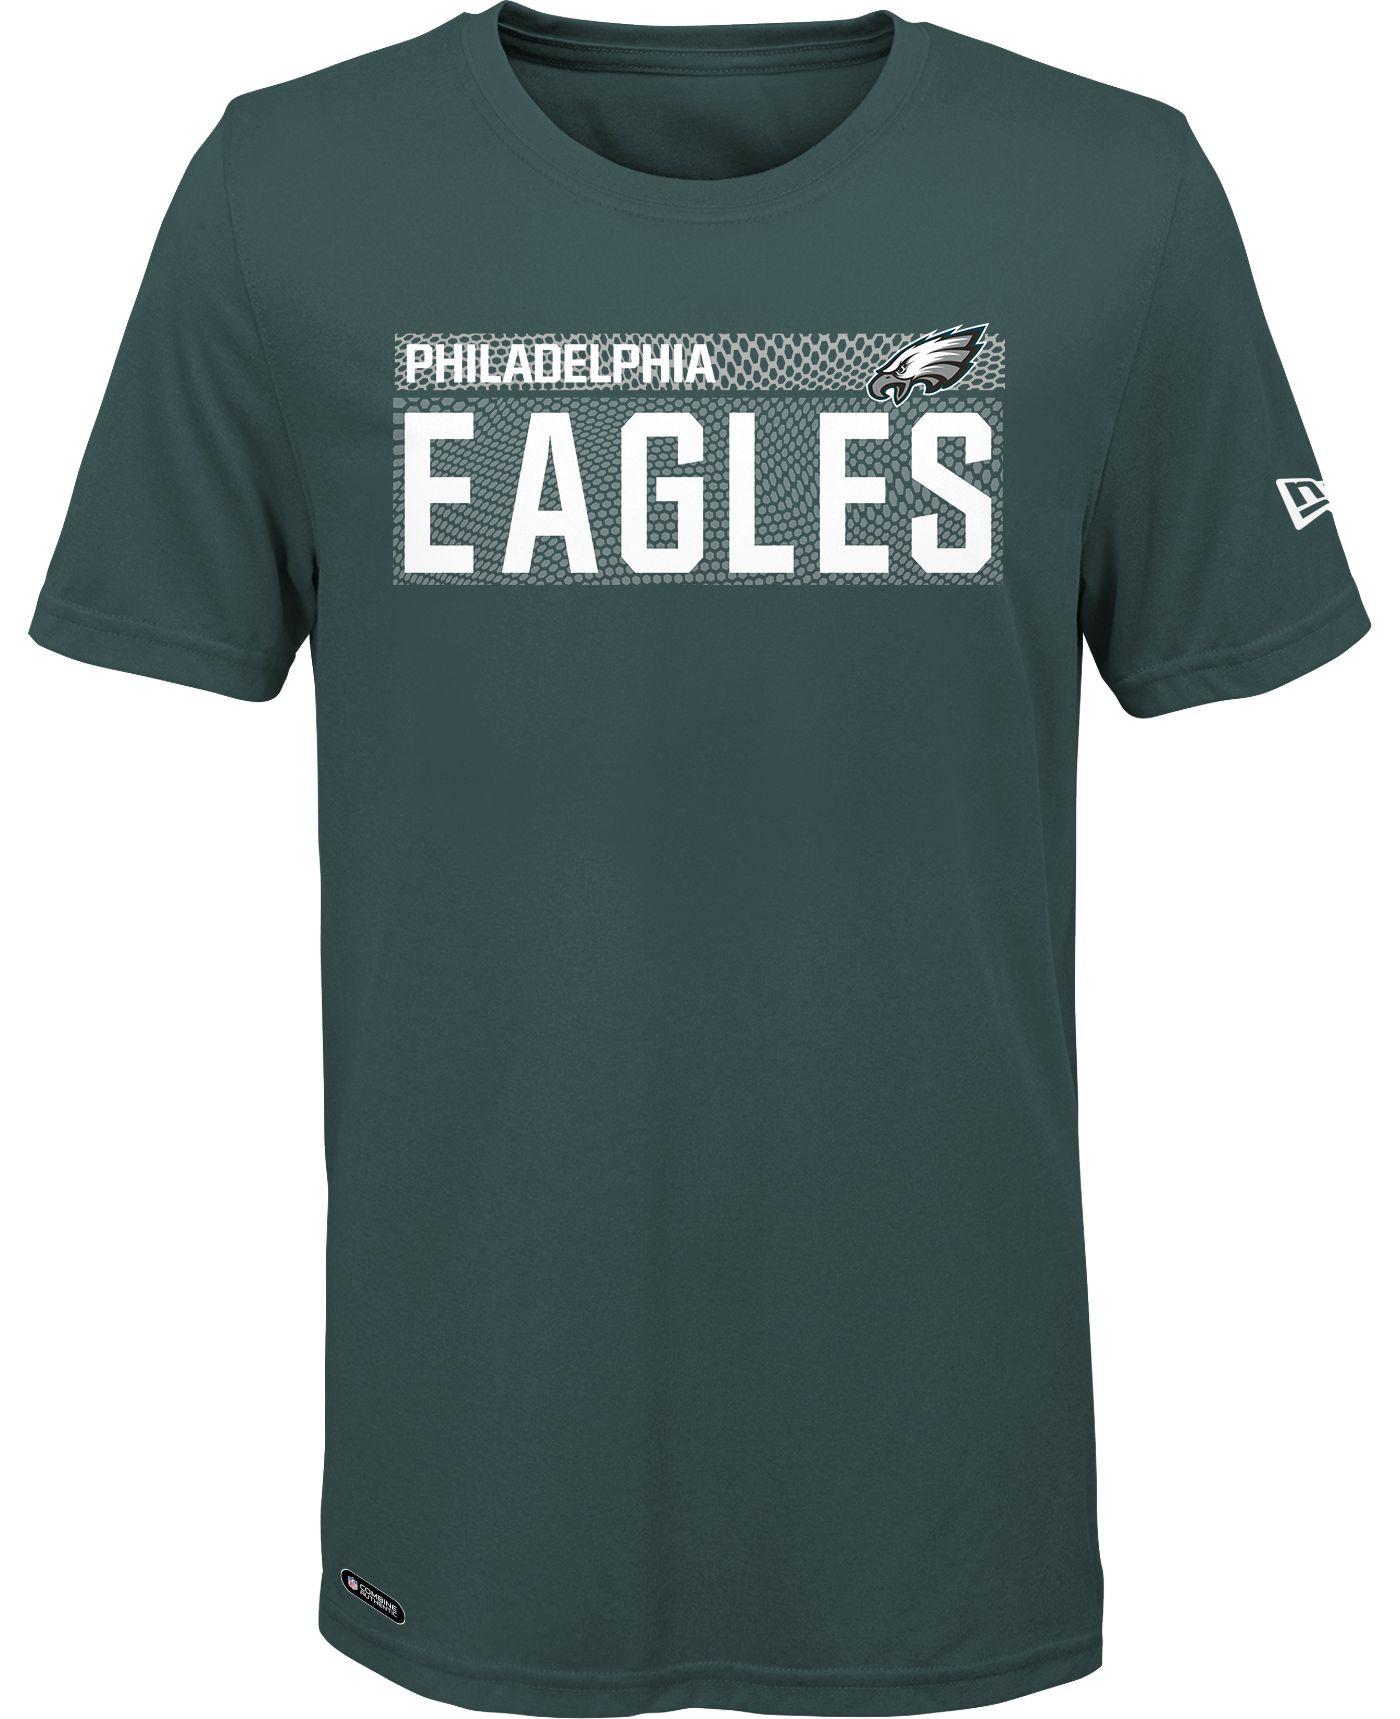 New Era Men's Philadelphia Eagles Combine Green Polyester T-Shirt